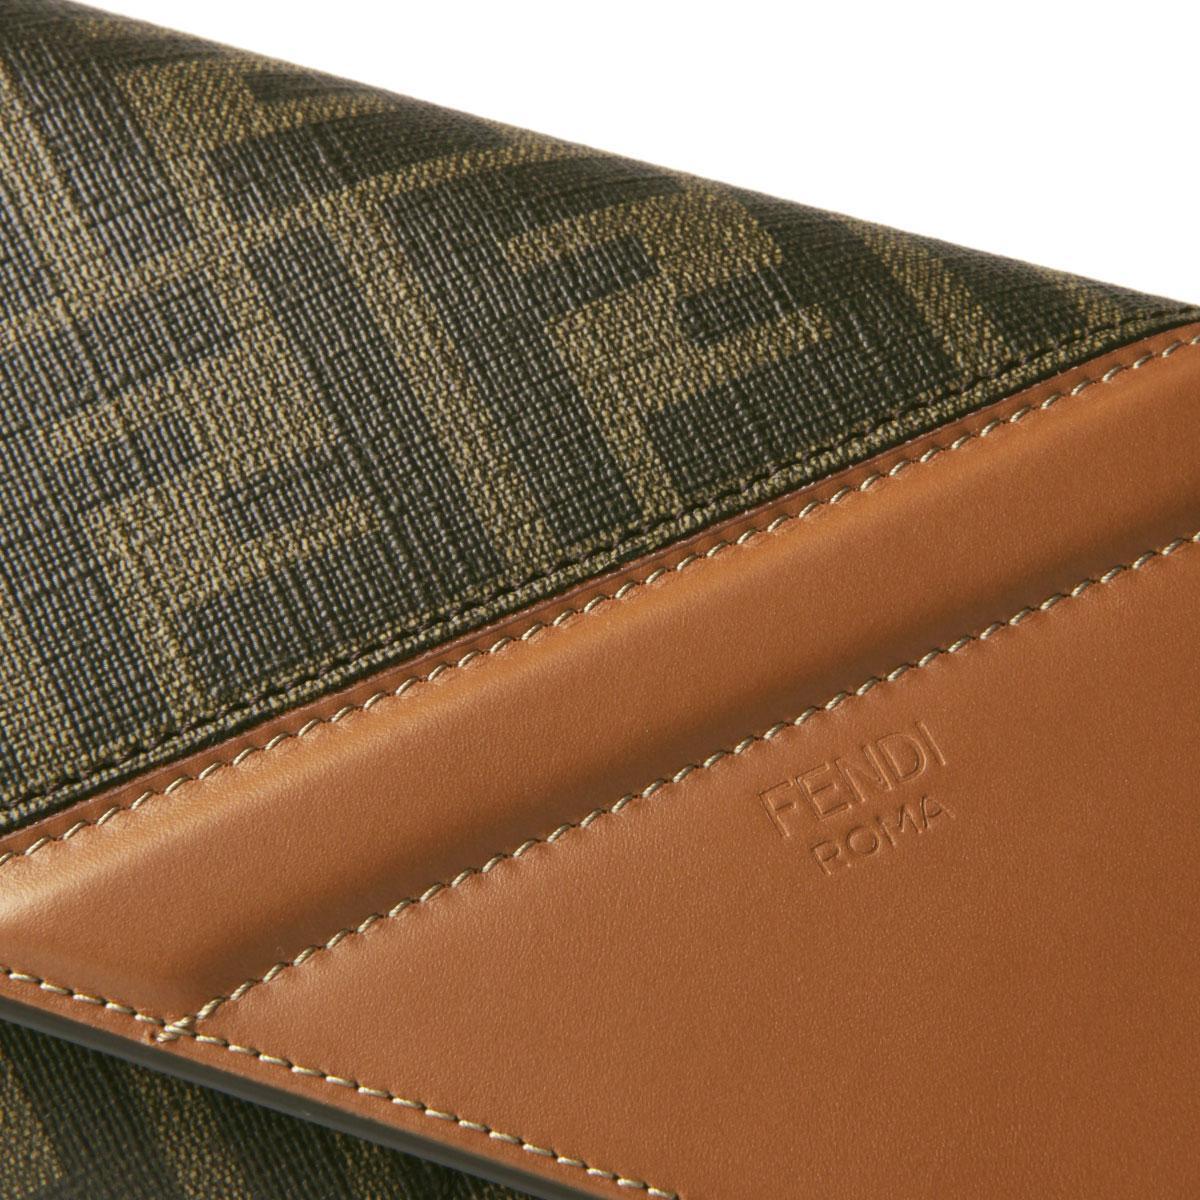 FENDI フェンディ | 二つ折り長財布